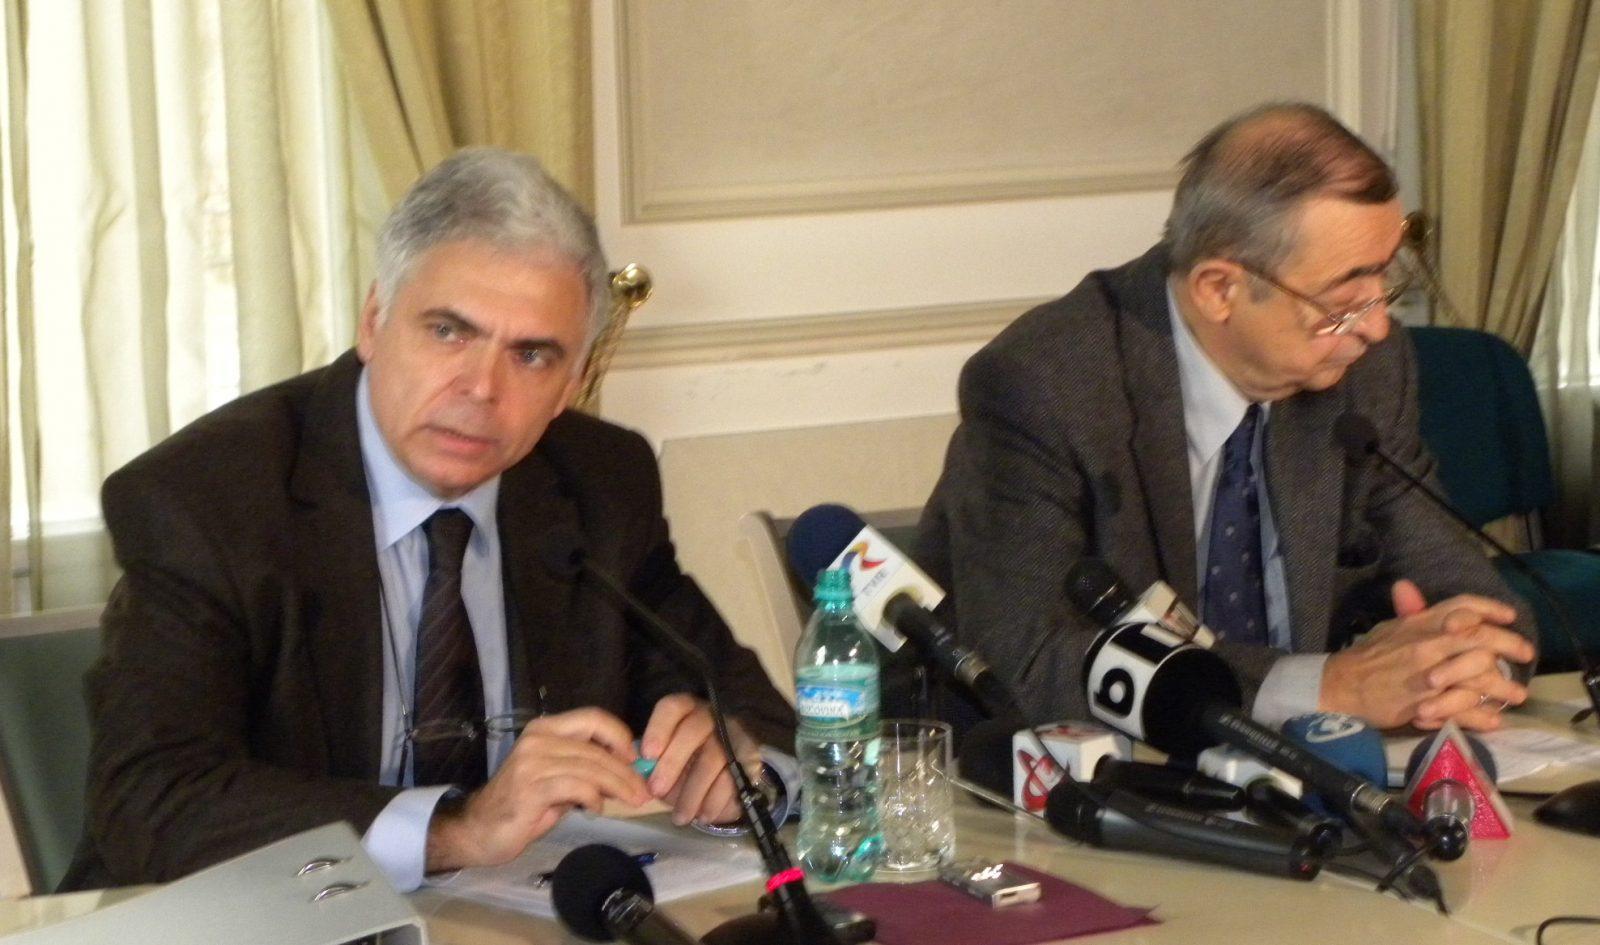 Istoria şi mitologia excepţionalismului corupţiei româneşti